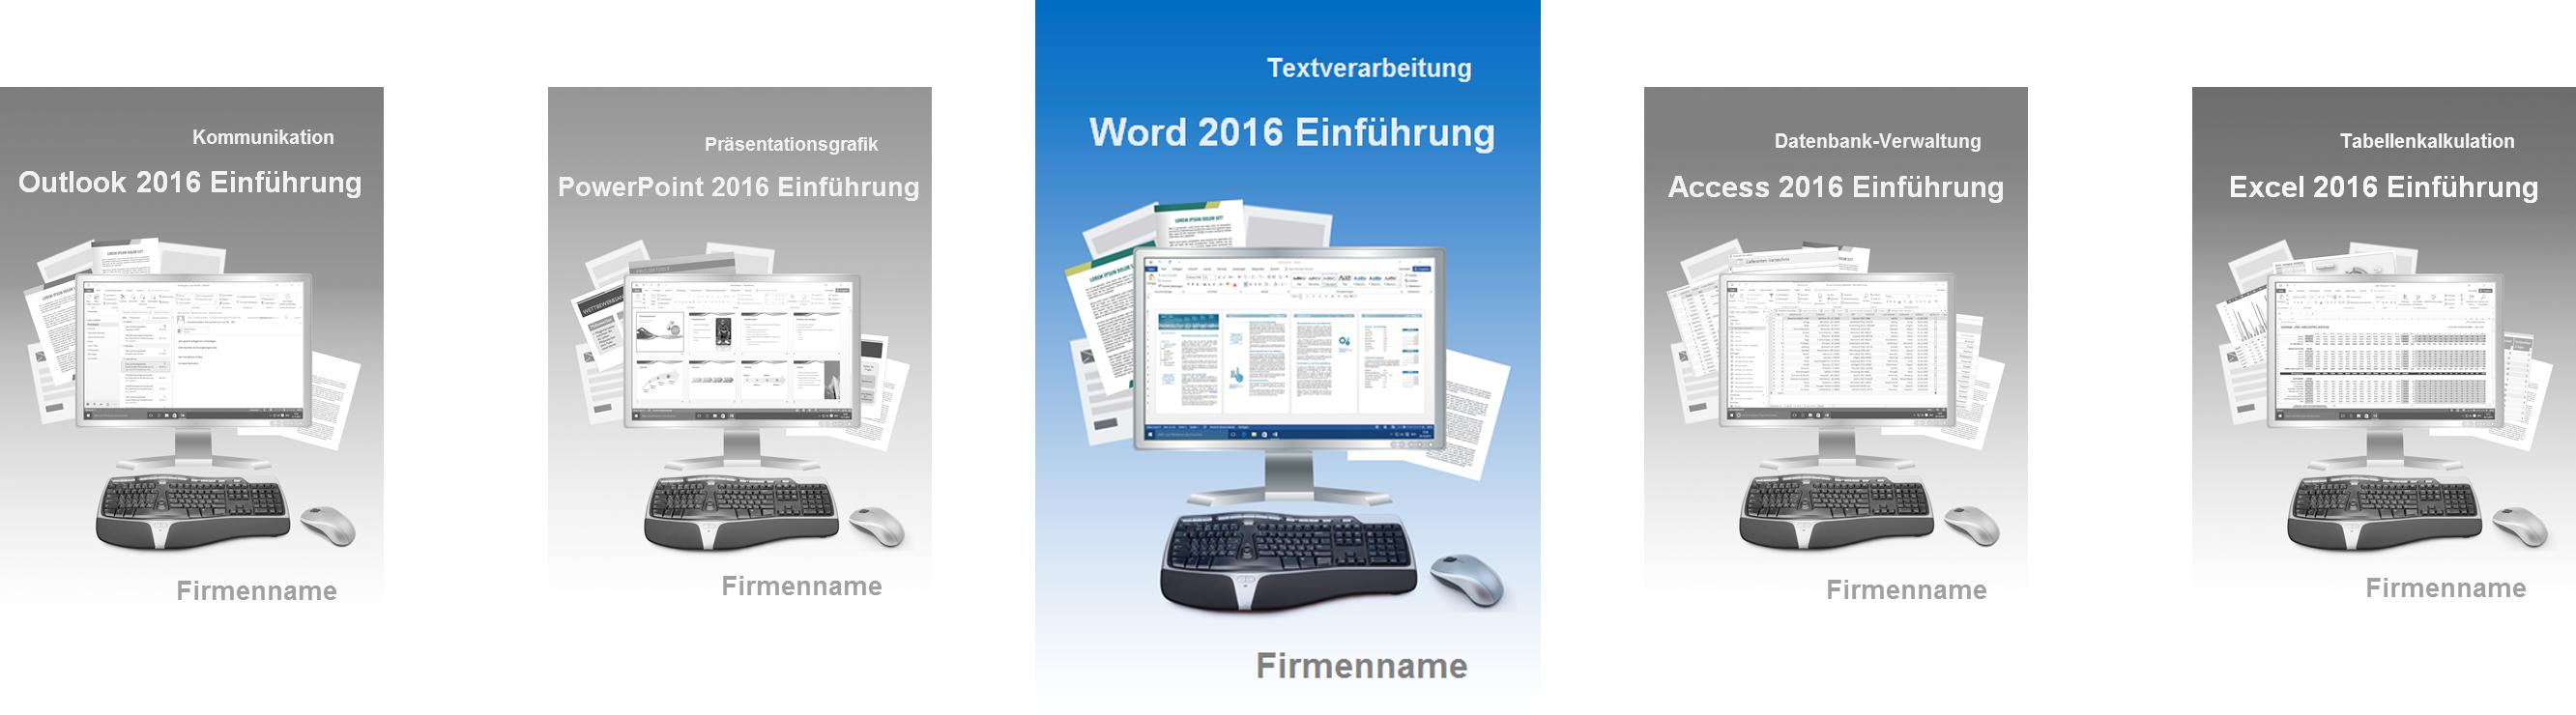 Kursunterlagen Word 2016 Einführung Slideshow